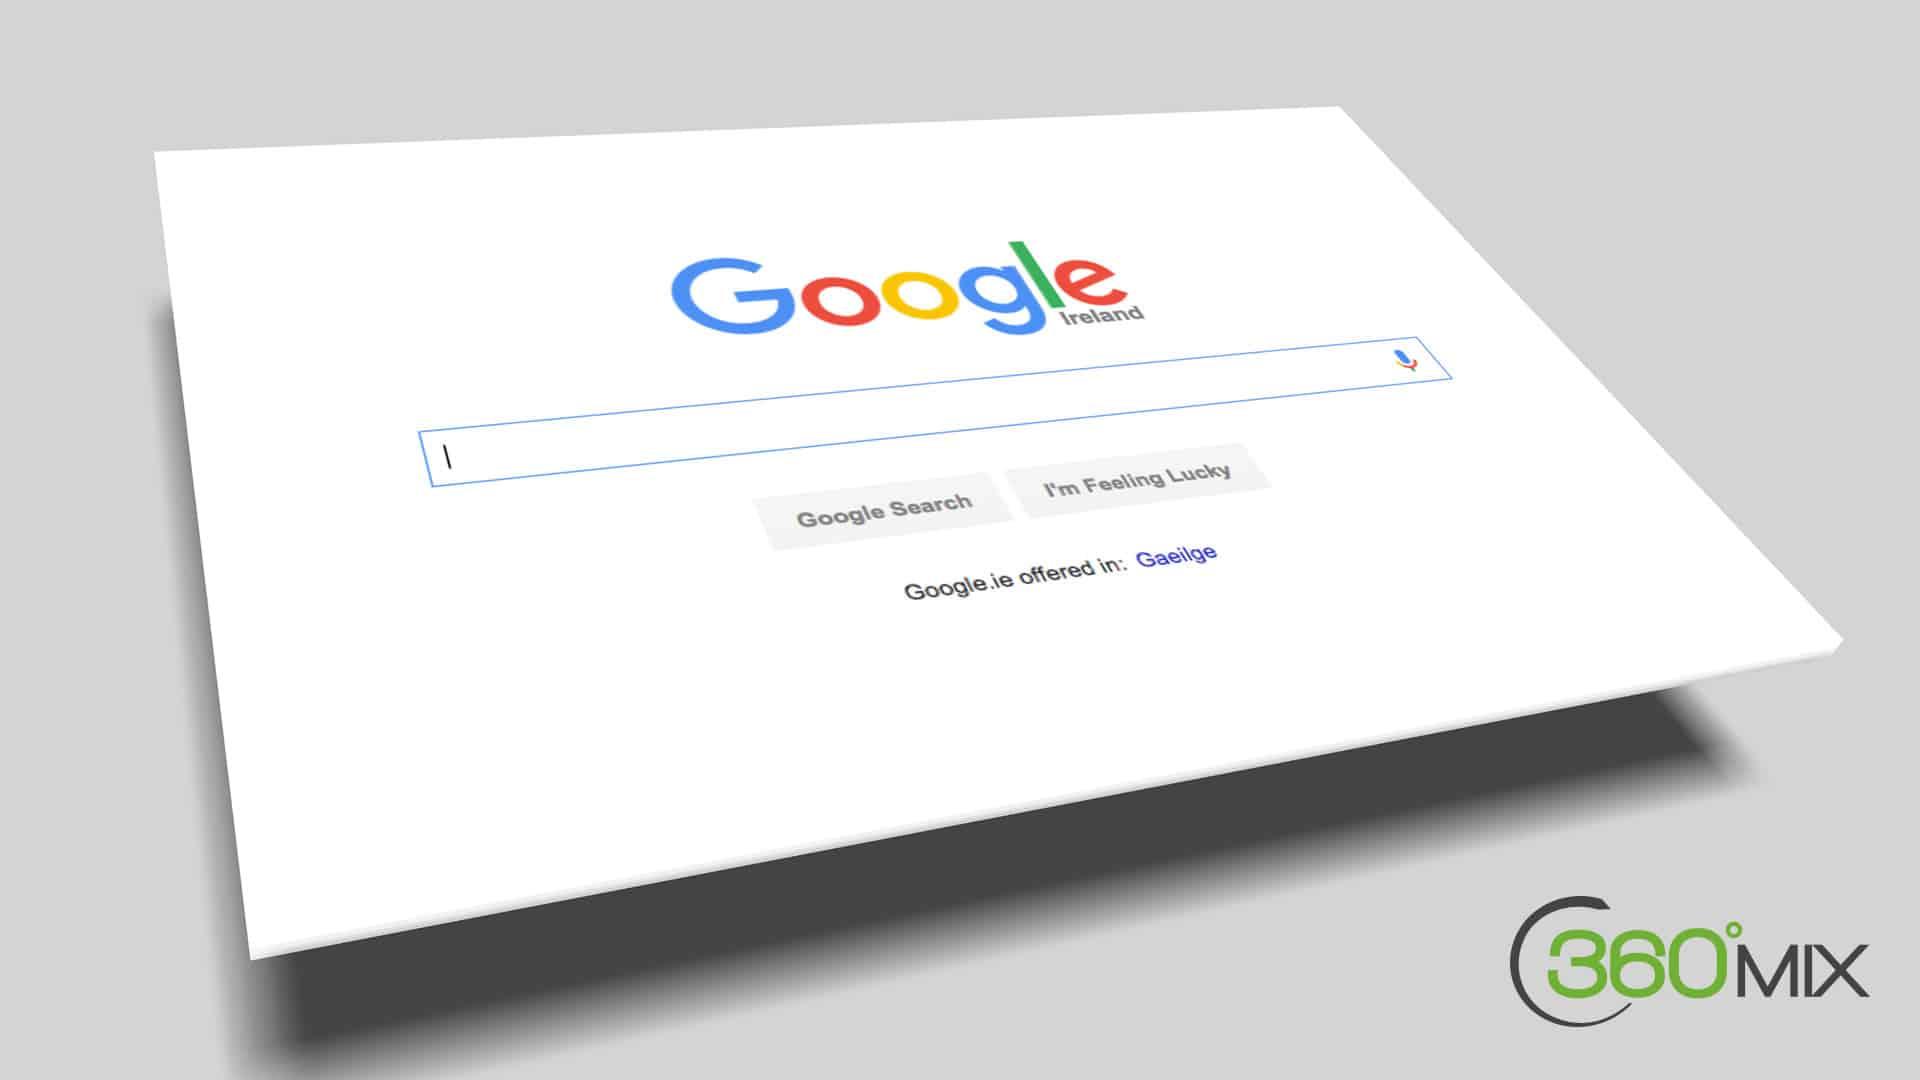 Como aparecer na primiera página do Google e fica lá